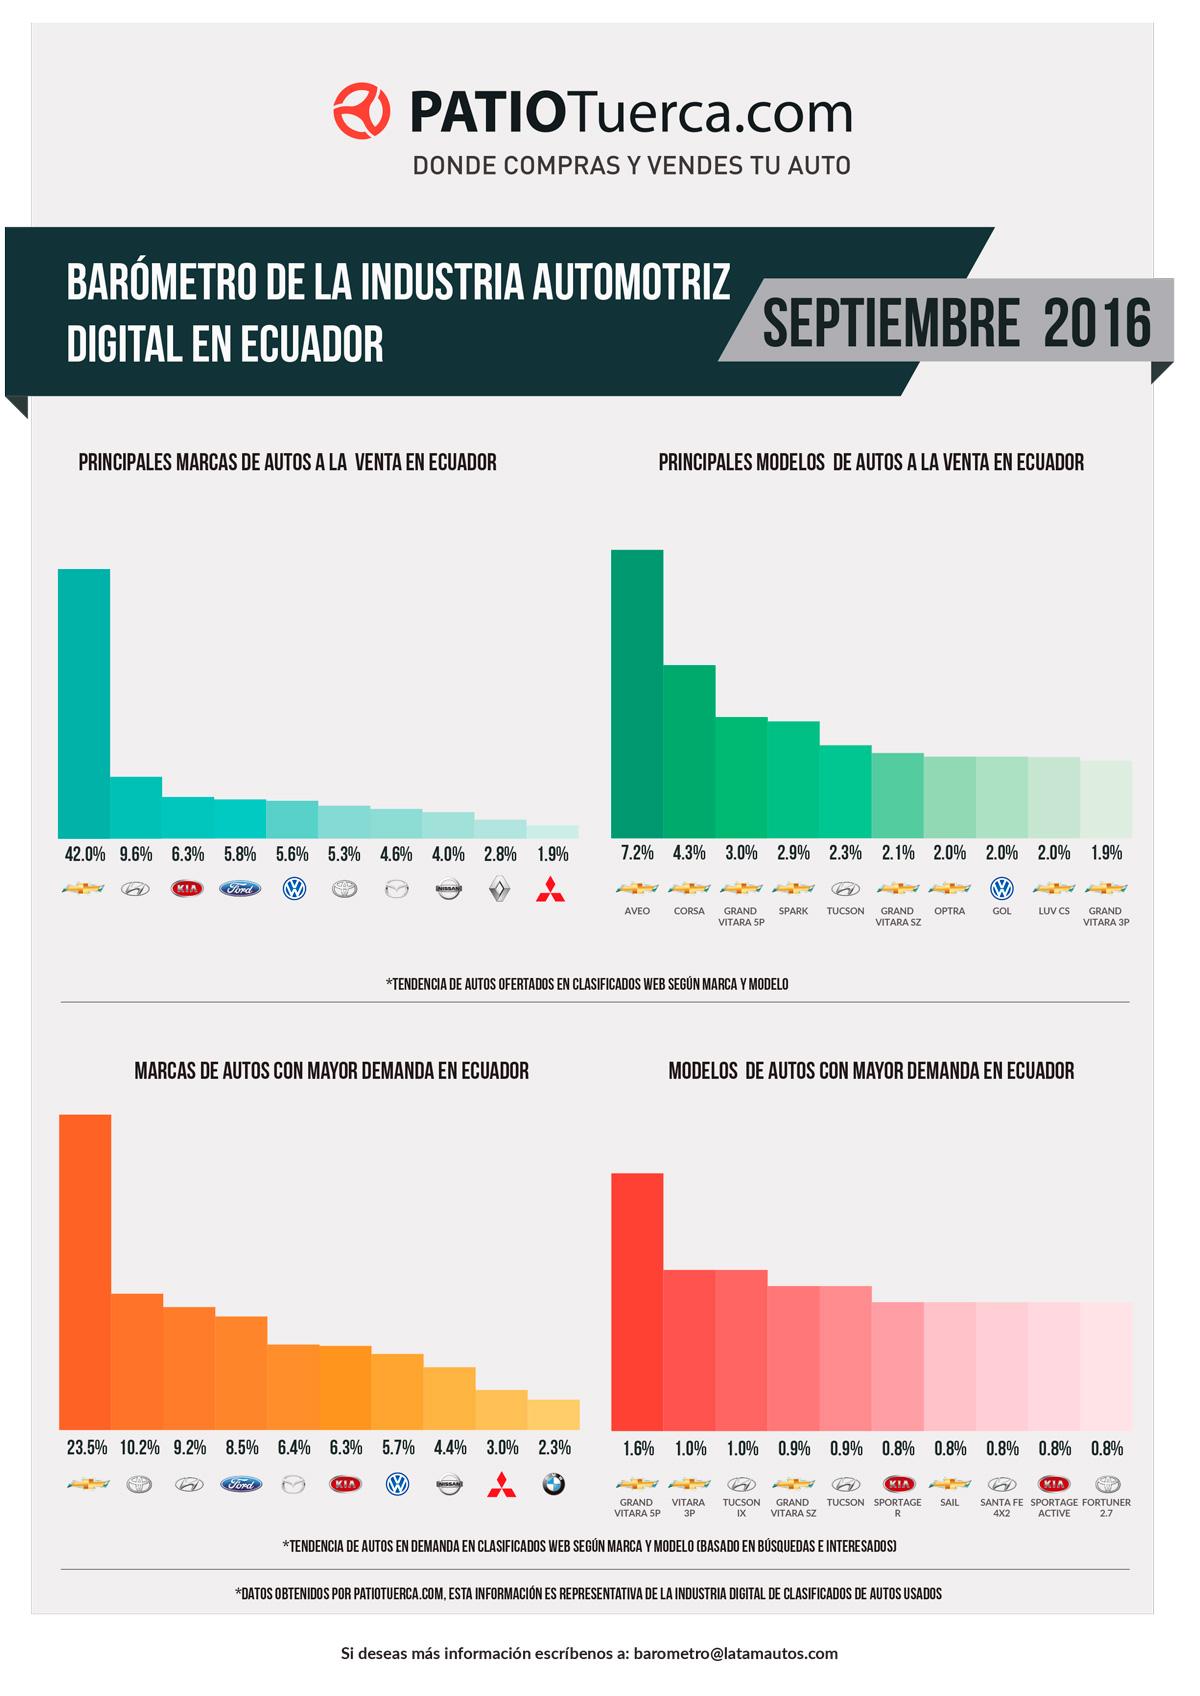 Barómetro digital de la industria automotriz ecuatoriana en septiembre